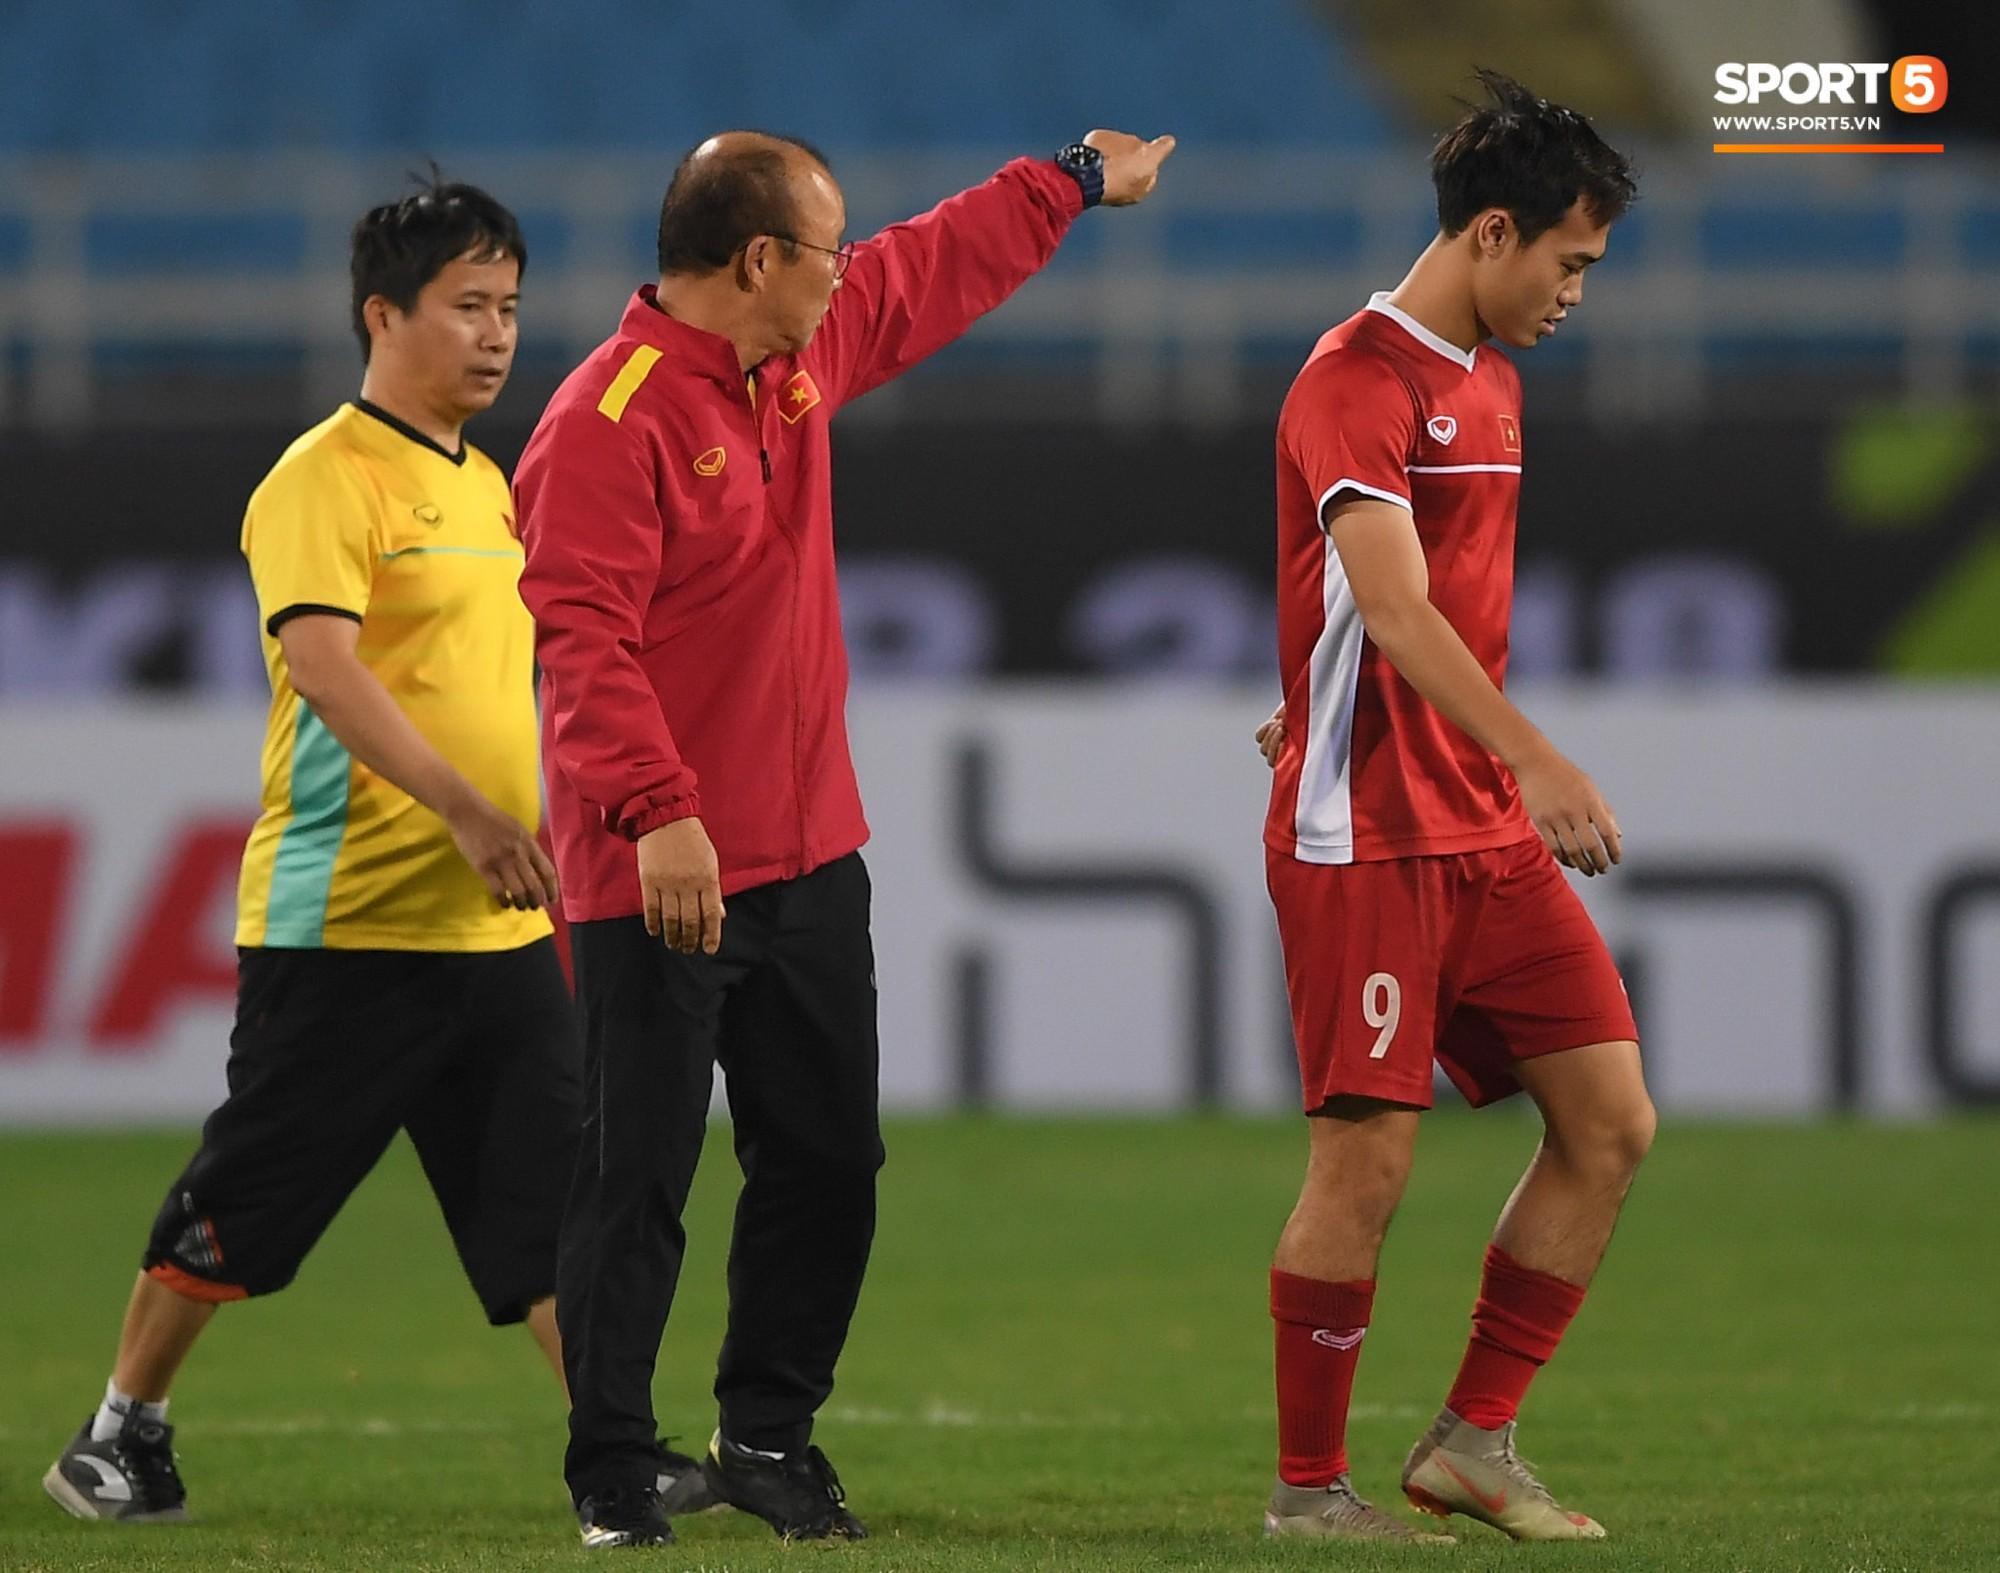 Sau đó, ông yêu cầu anh ra một góc sân để tập luyện riêng với bác sỹ của đội.